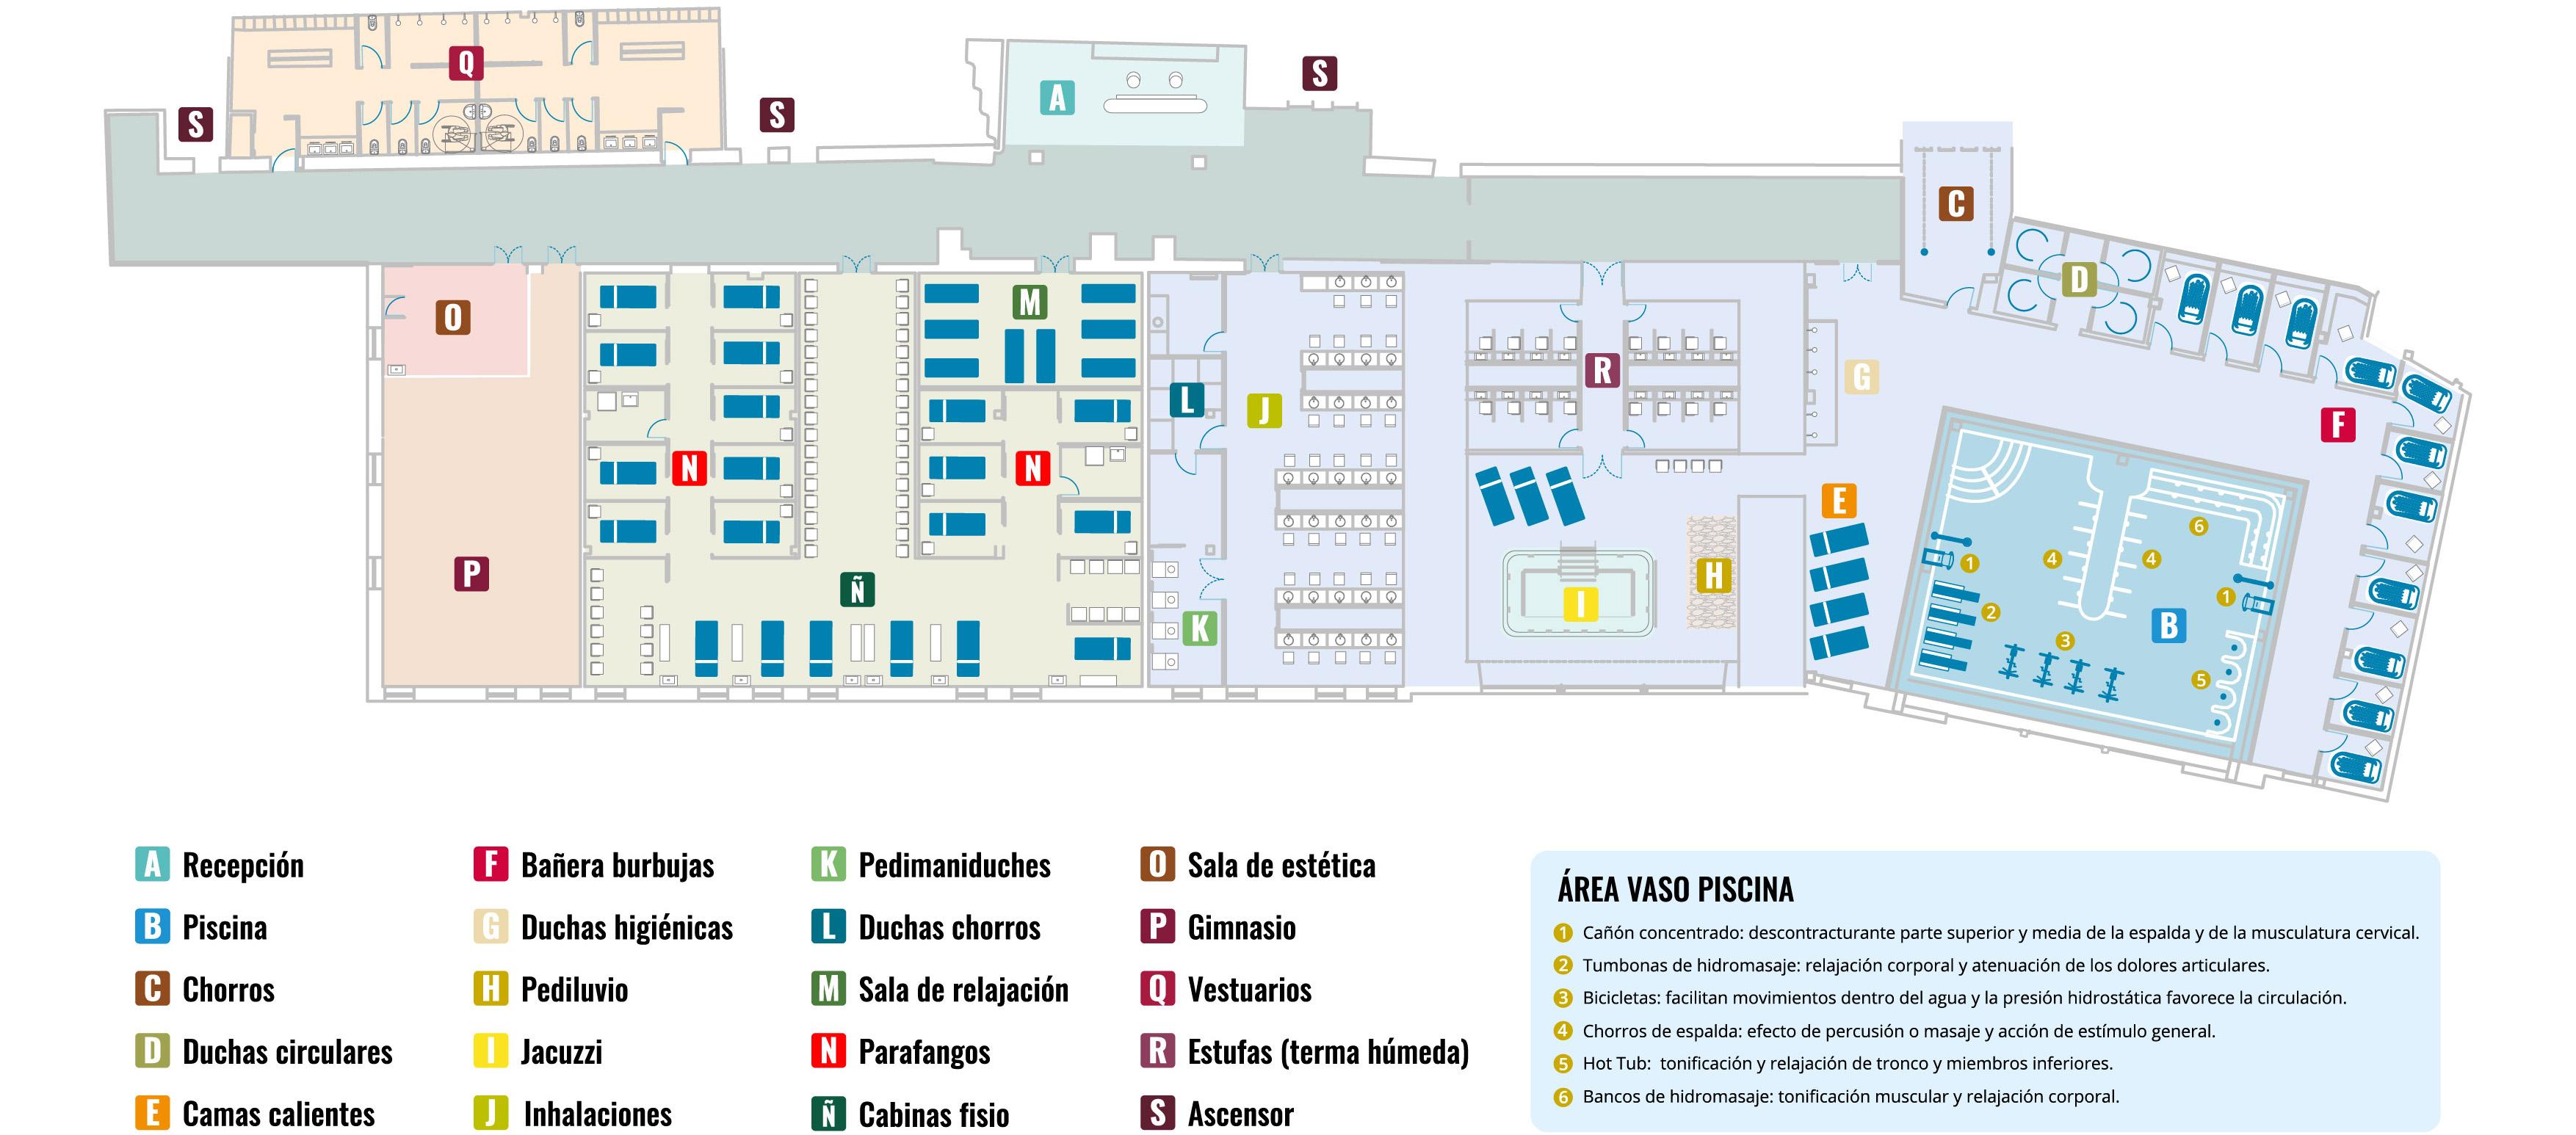 Plano de instalaciones termales del Balneario de Ledesma